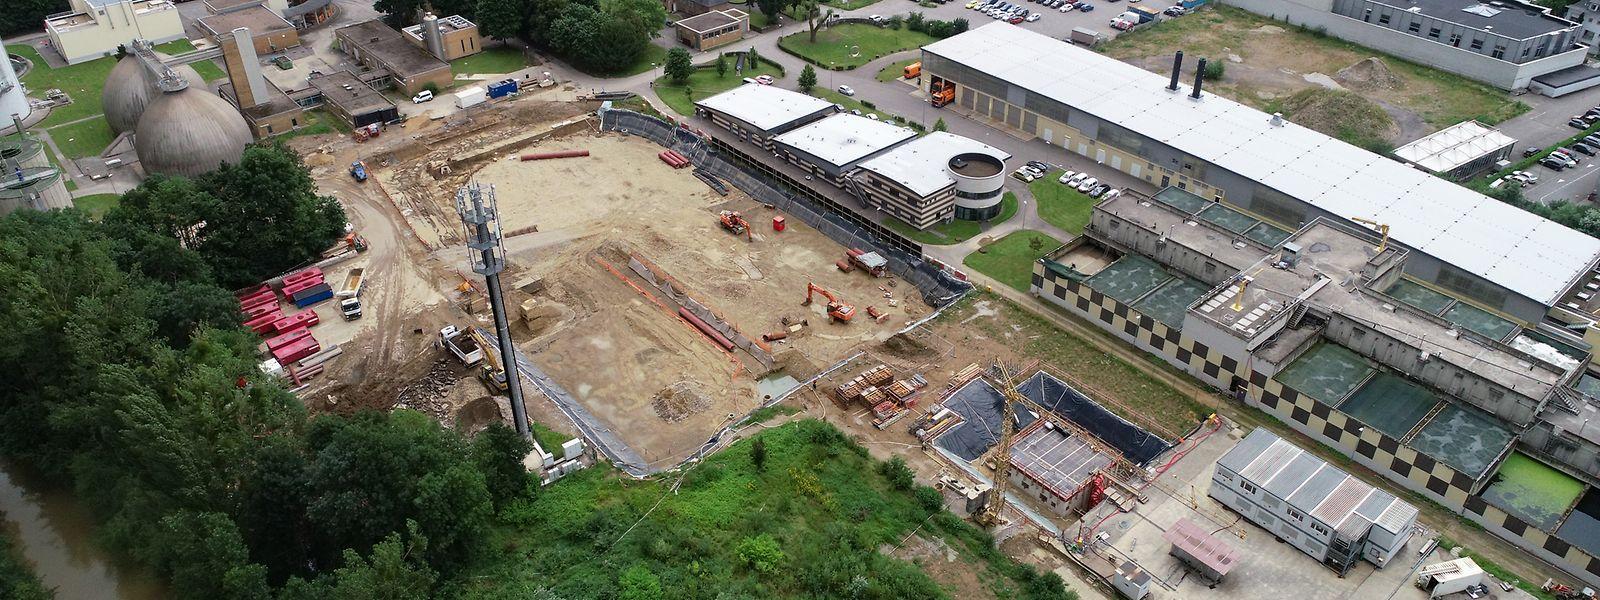 Die erste Phase des Ausbaus hat begonnen und soll 2023 beendet sein.